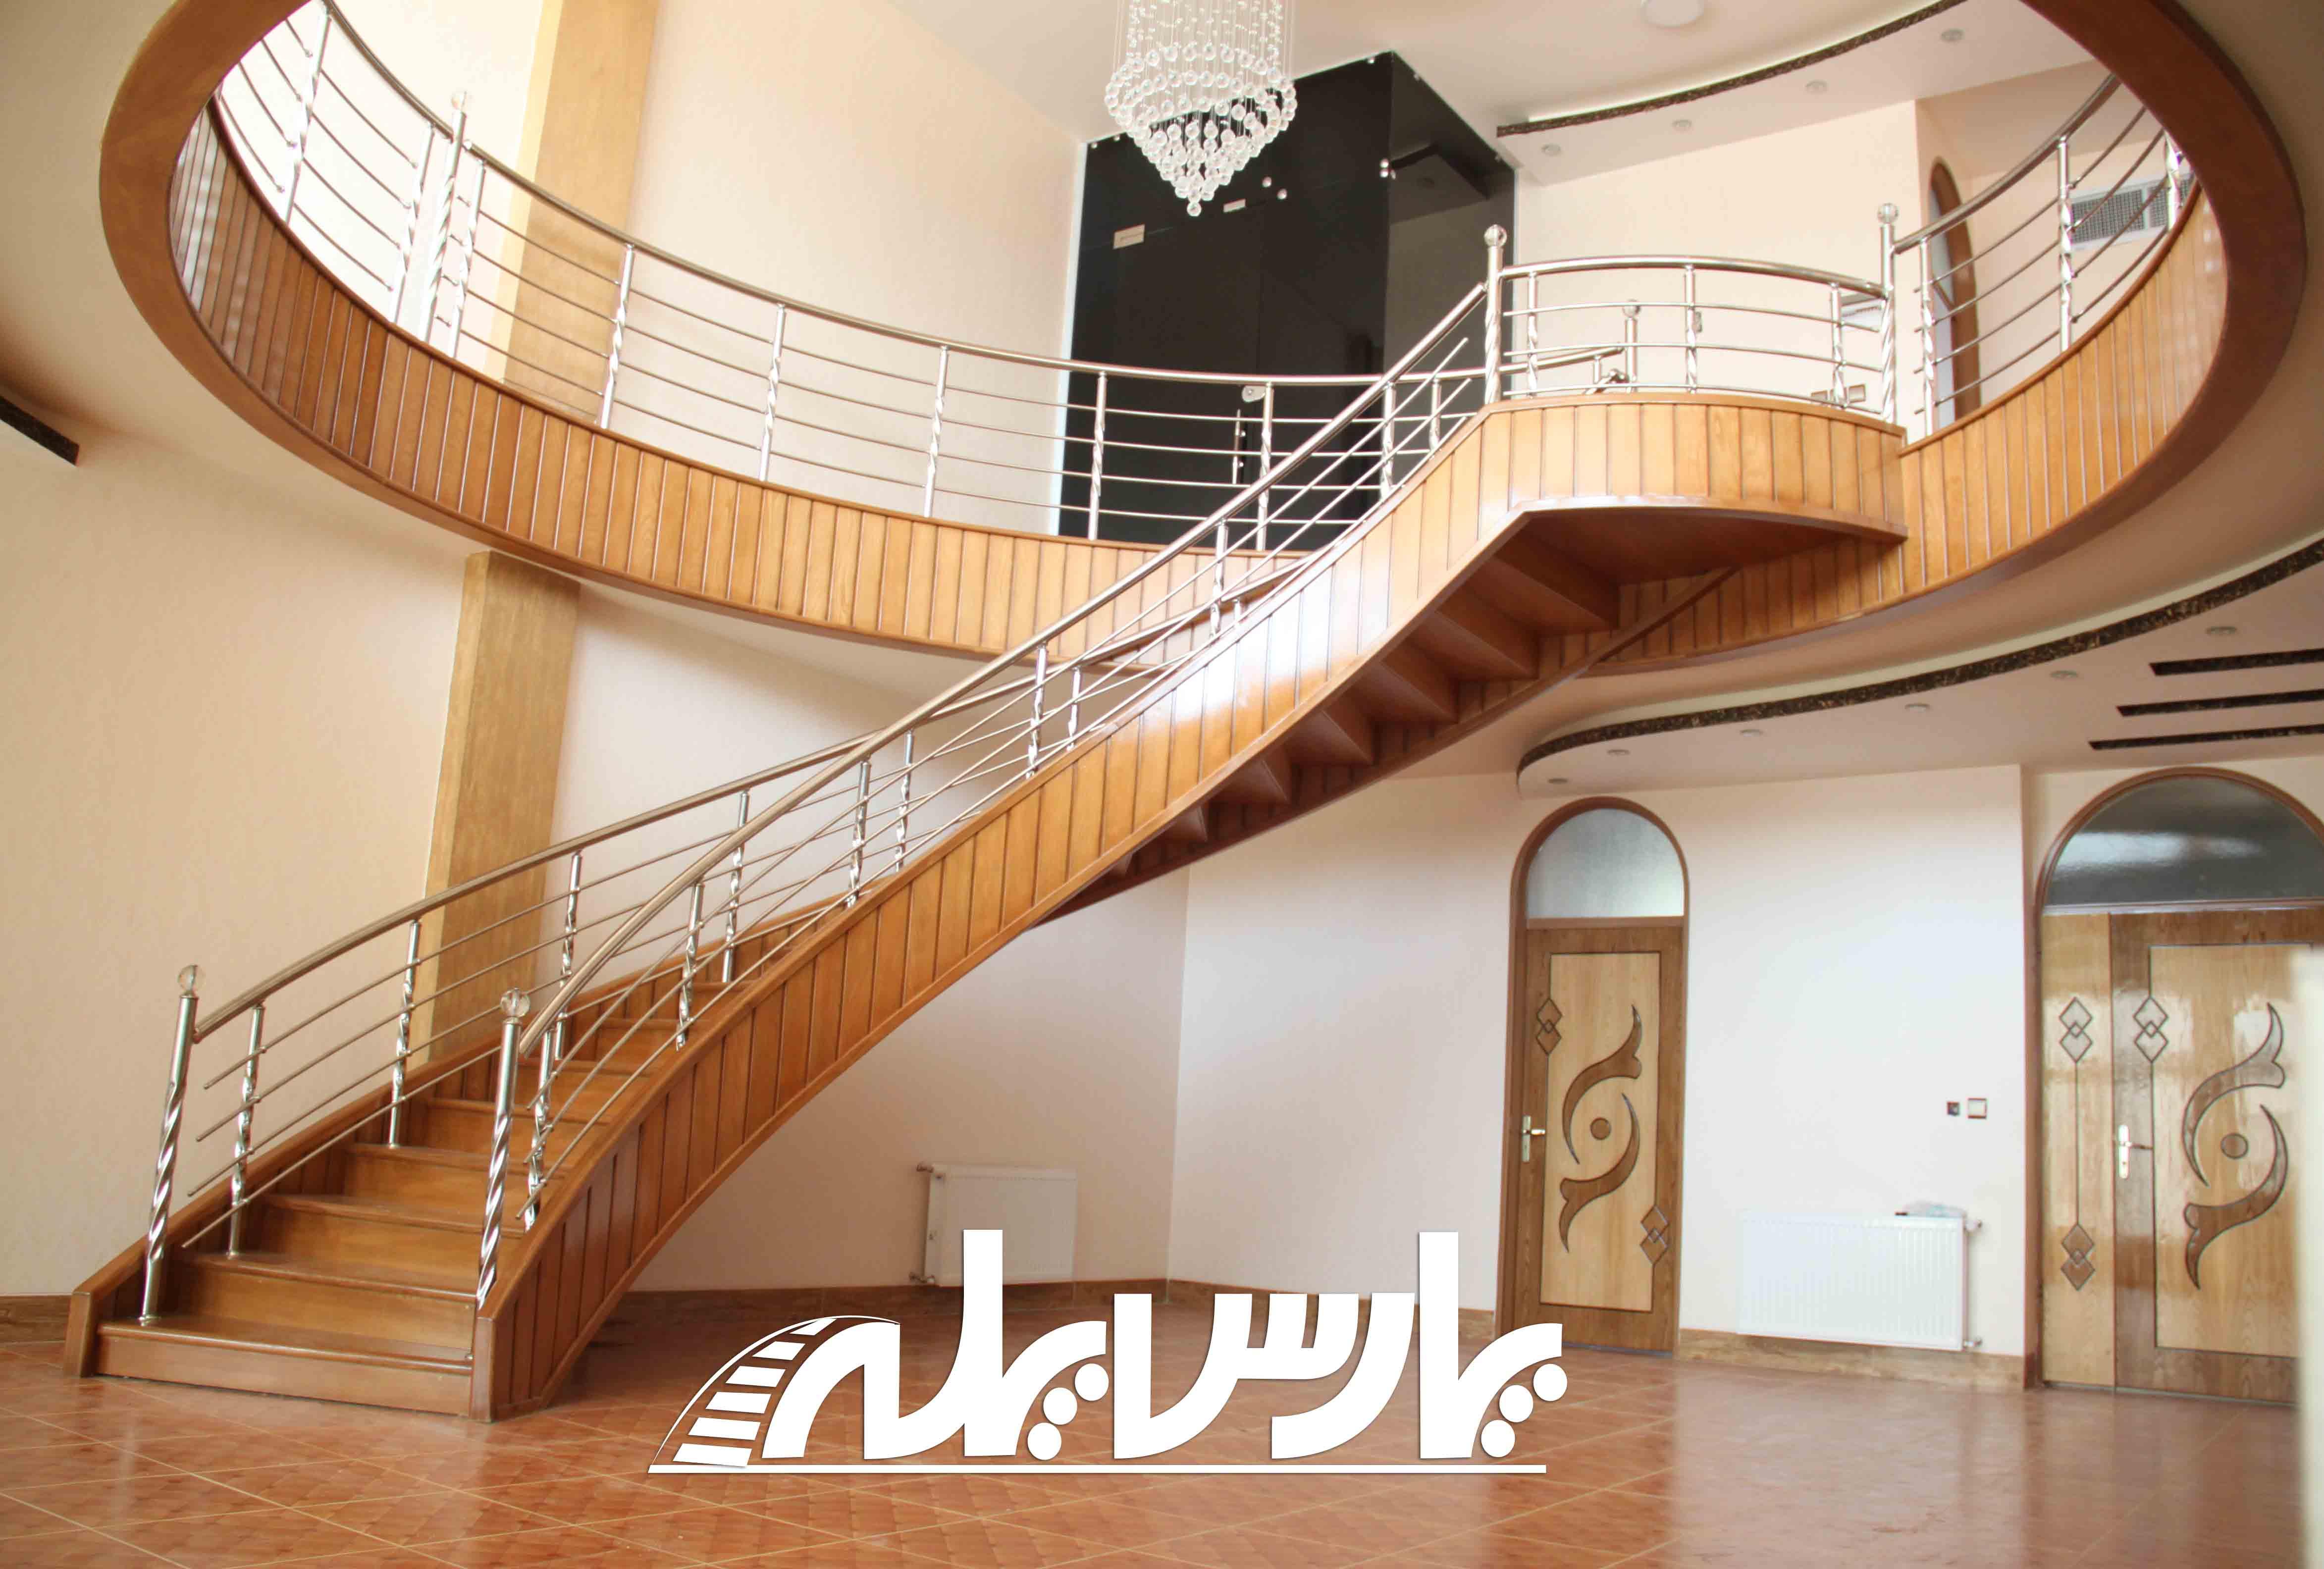 پارس پله بزرگترین سازنده پله پیچ در استان اصفهان